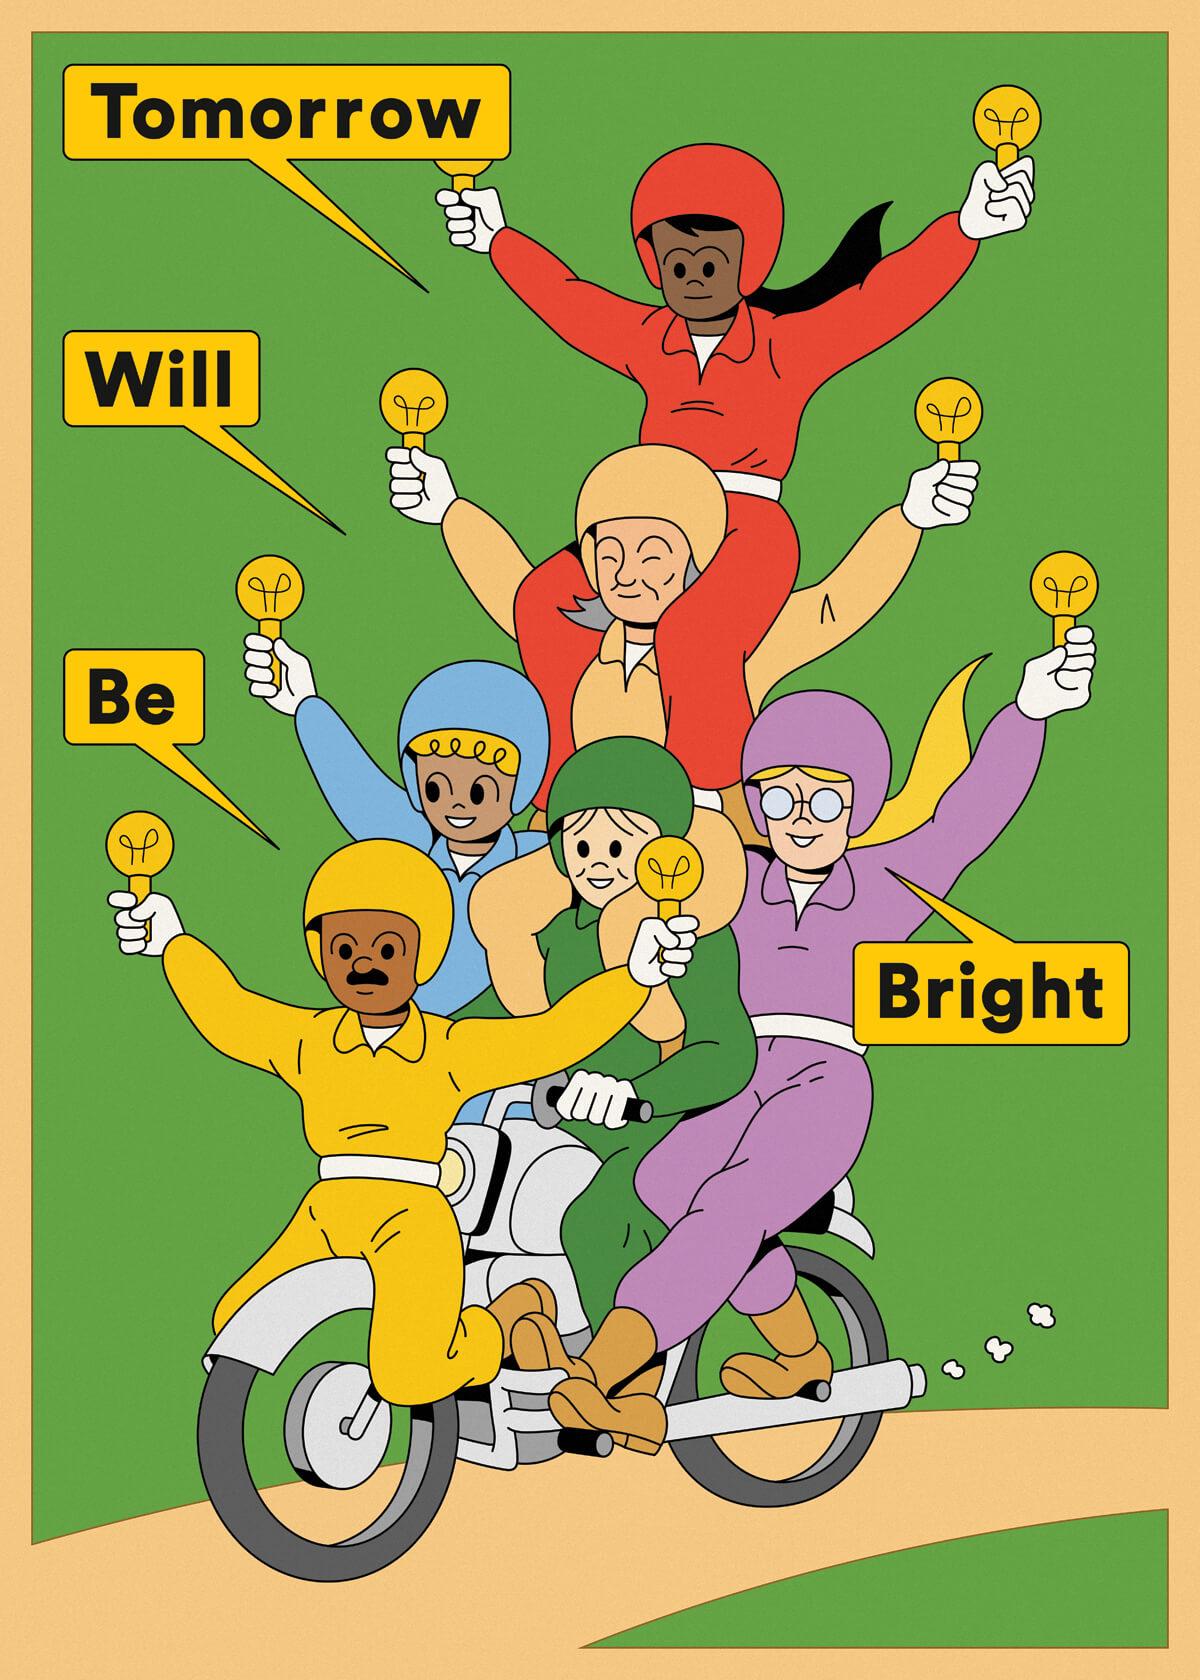 Tomorrow Will Be Bright main image